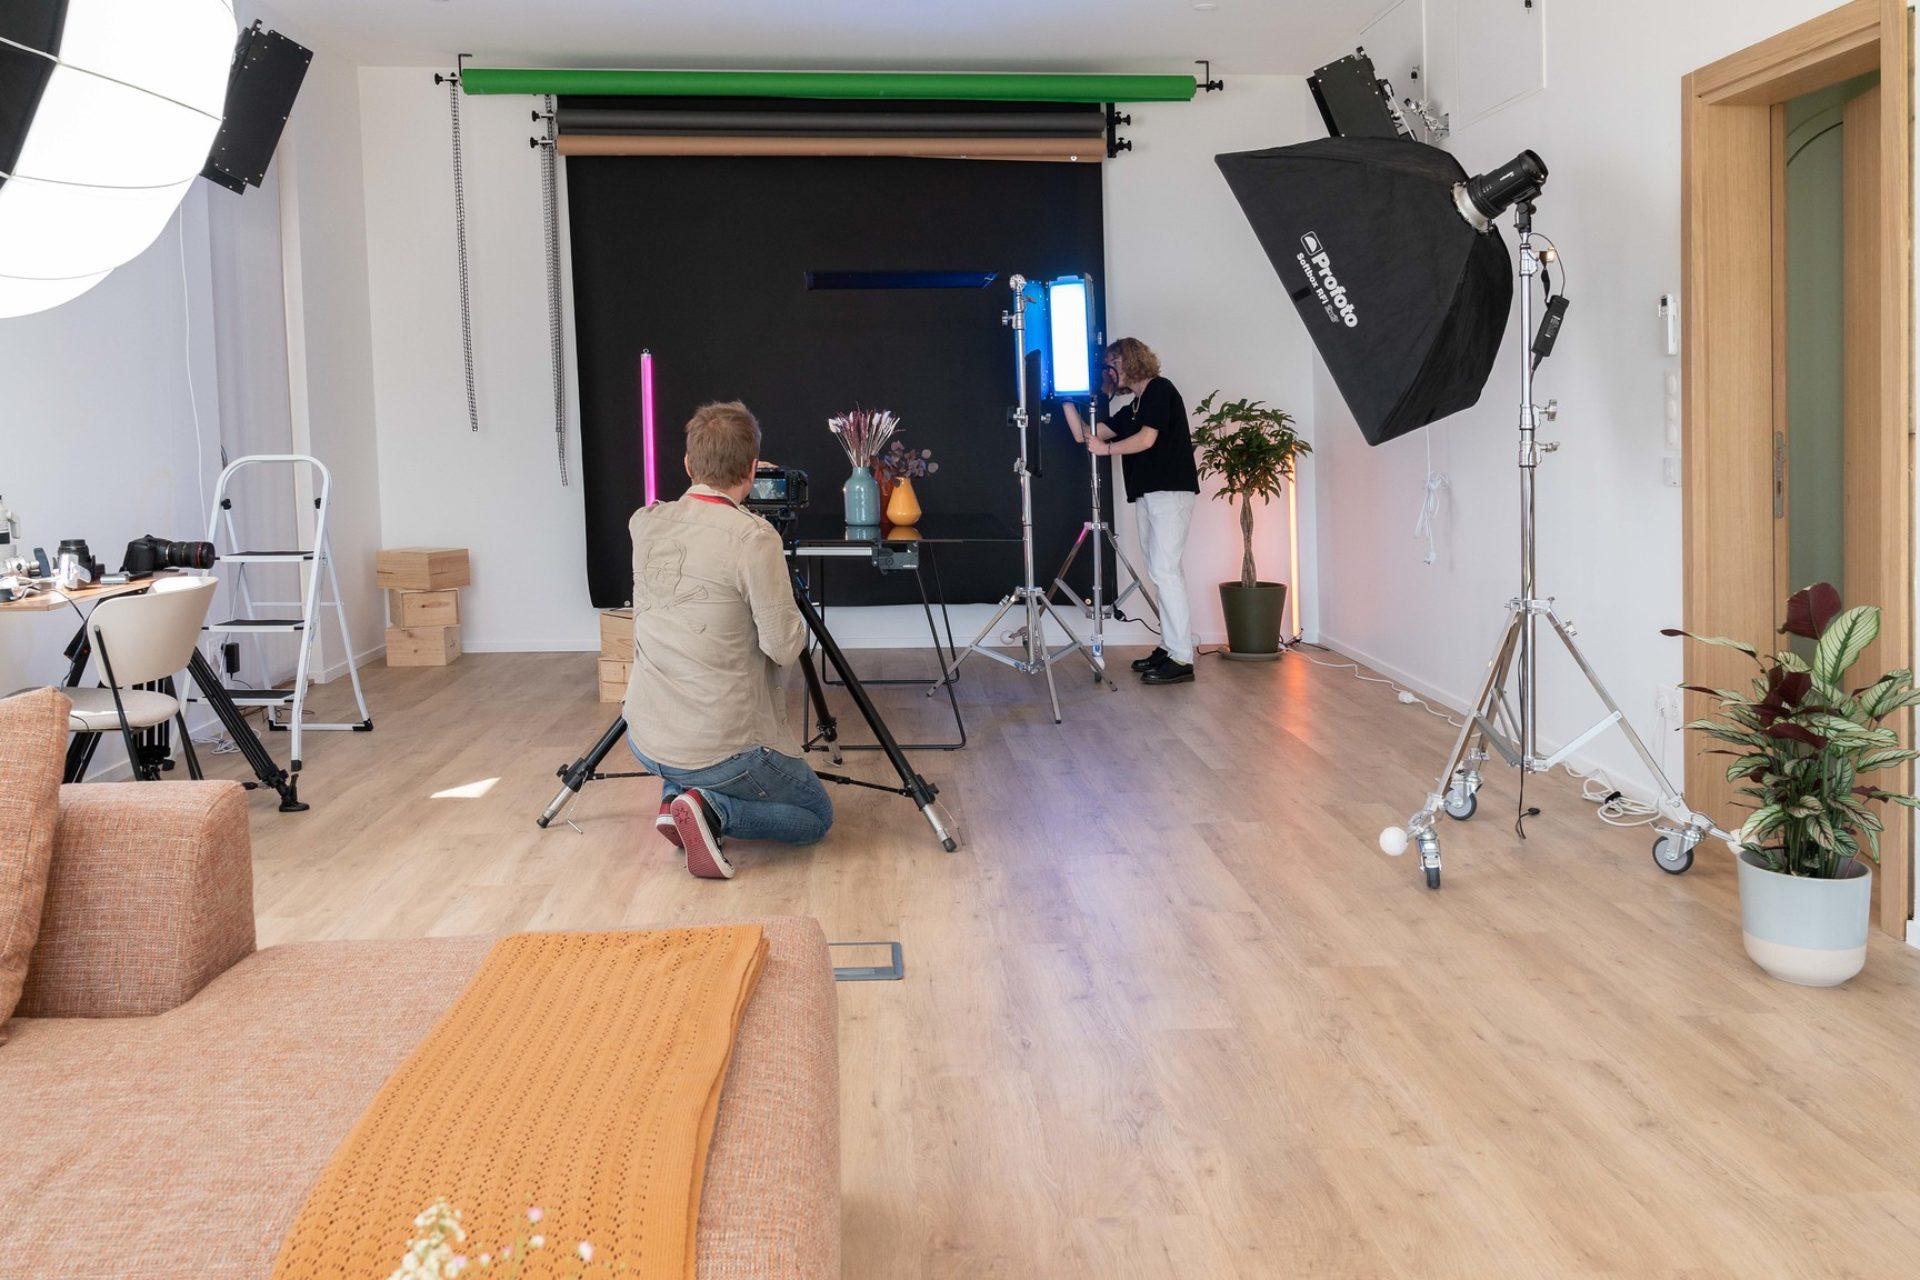 Location studio photo et vidéo à Lyon